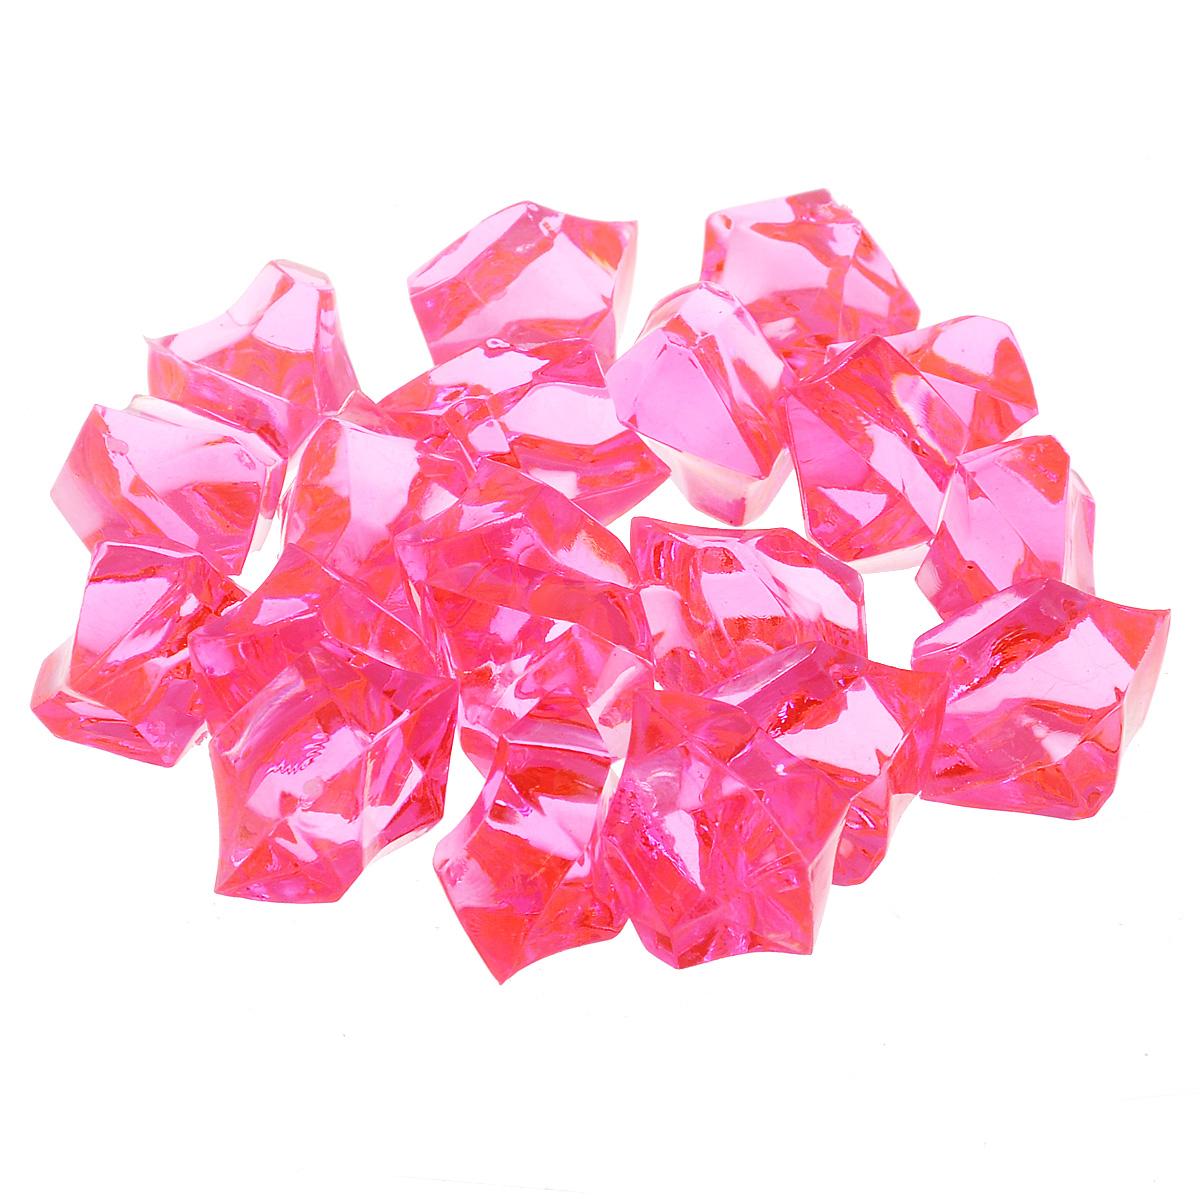 Набор декоративных кристаллов Большие камни, цвет: розовый, 70 г824-011 розовыйНабор декоративных кристаллов Большие камни, выполненный из пластика, замечательно подойдет для украшения вашего дома. Его можно использовать для создания индивидуального интерьера, а также как наполнитель декоративных ваз. Декоративные кристаллы создают чувство уюта и улучшают настроение.